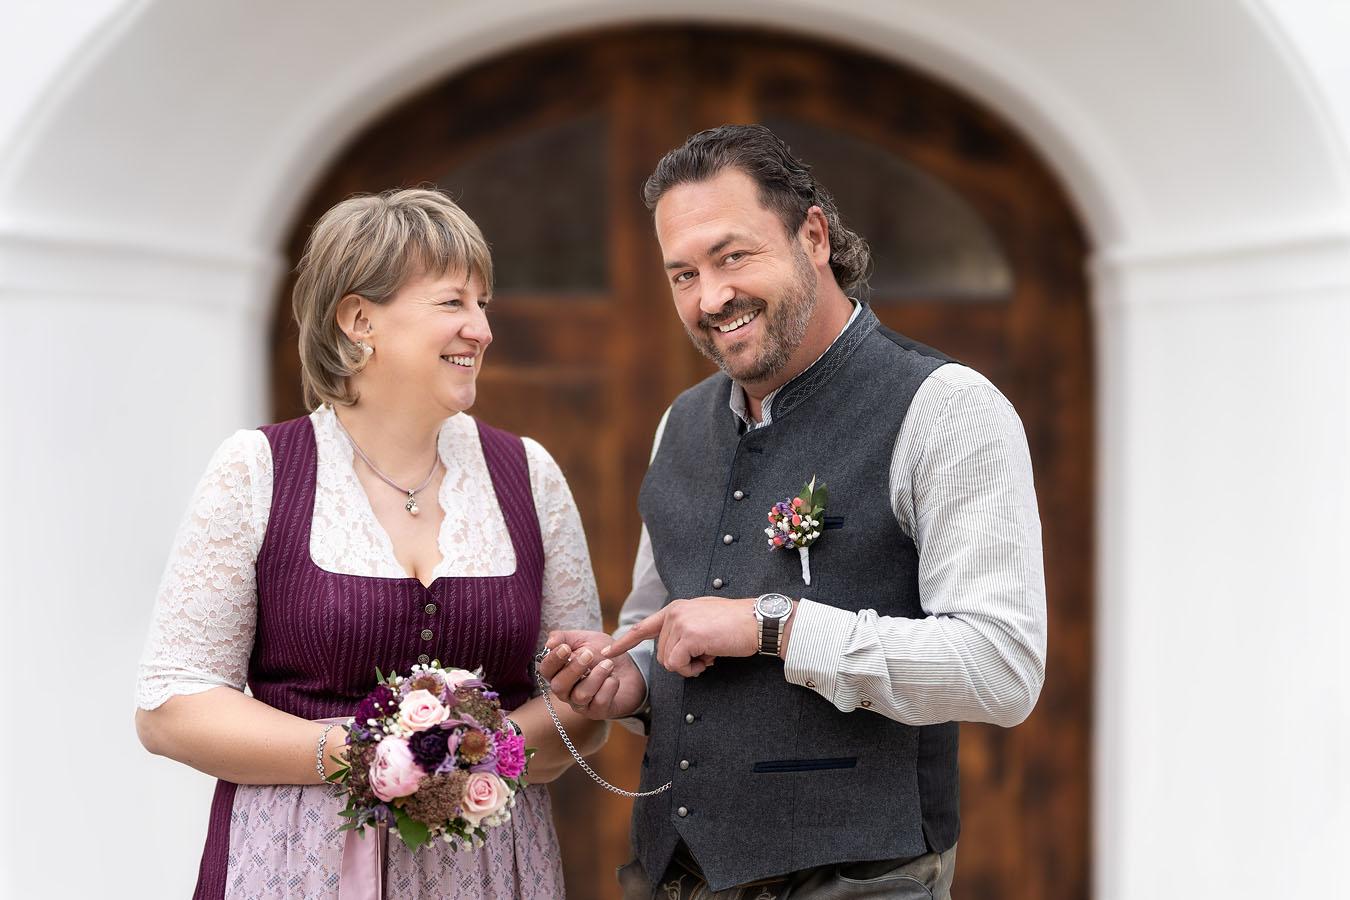 Hochzeitsfotograf Straubing |Silvia & Stefan |Hochzeit Burg Mitterfels